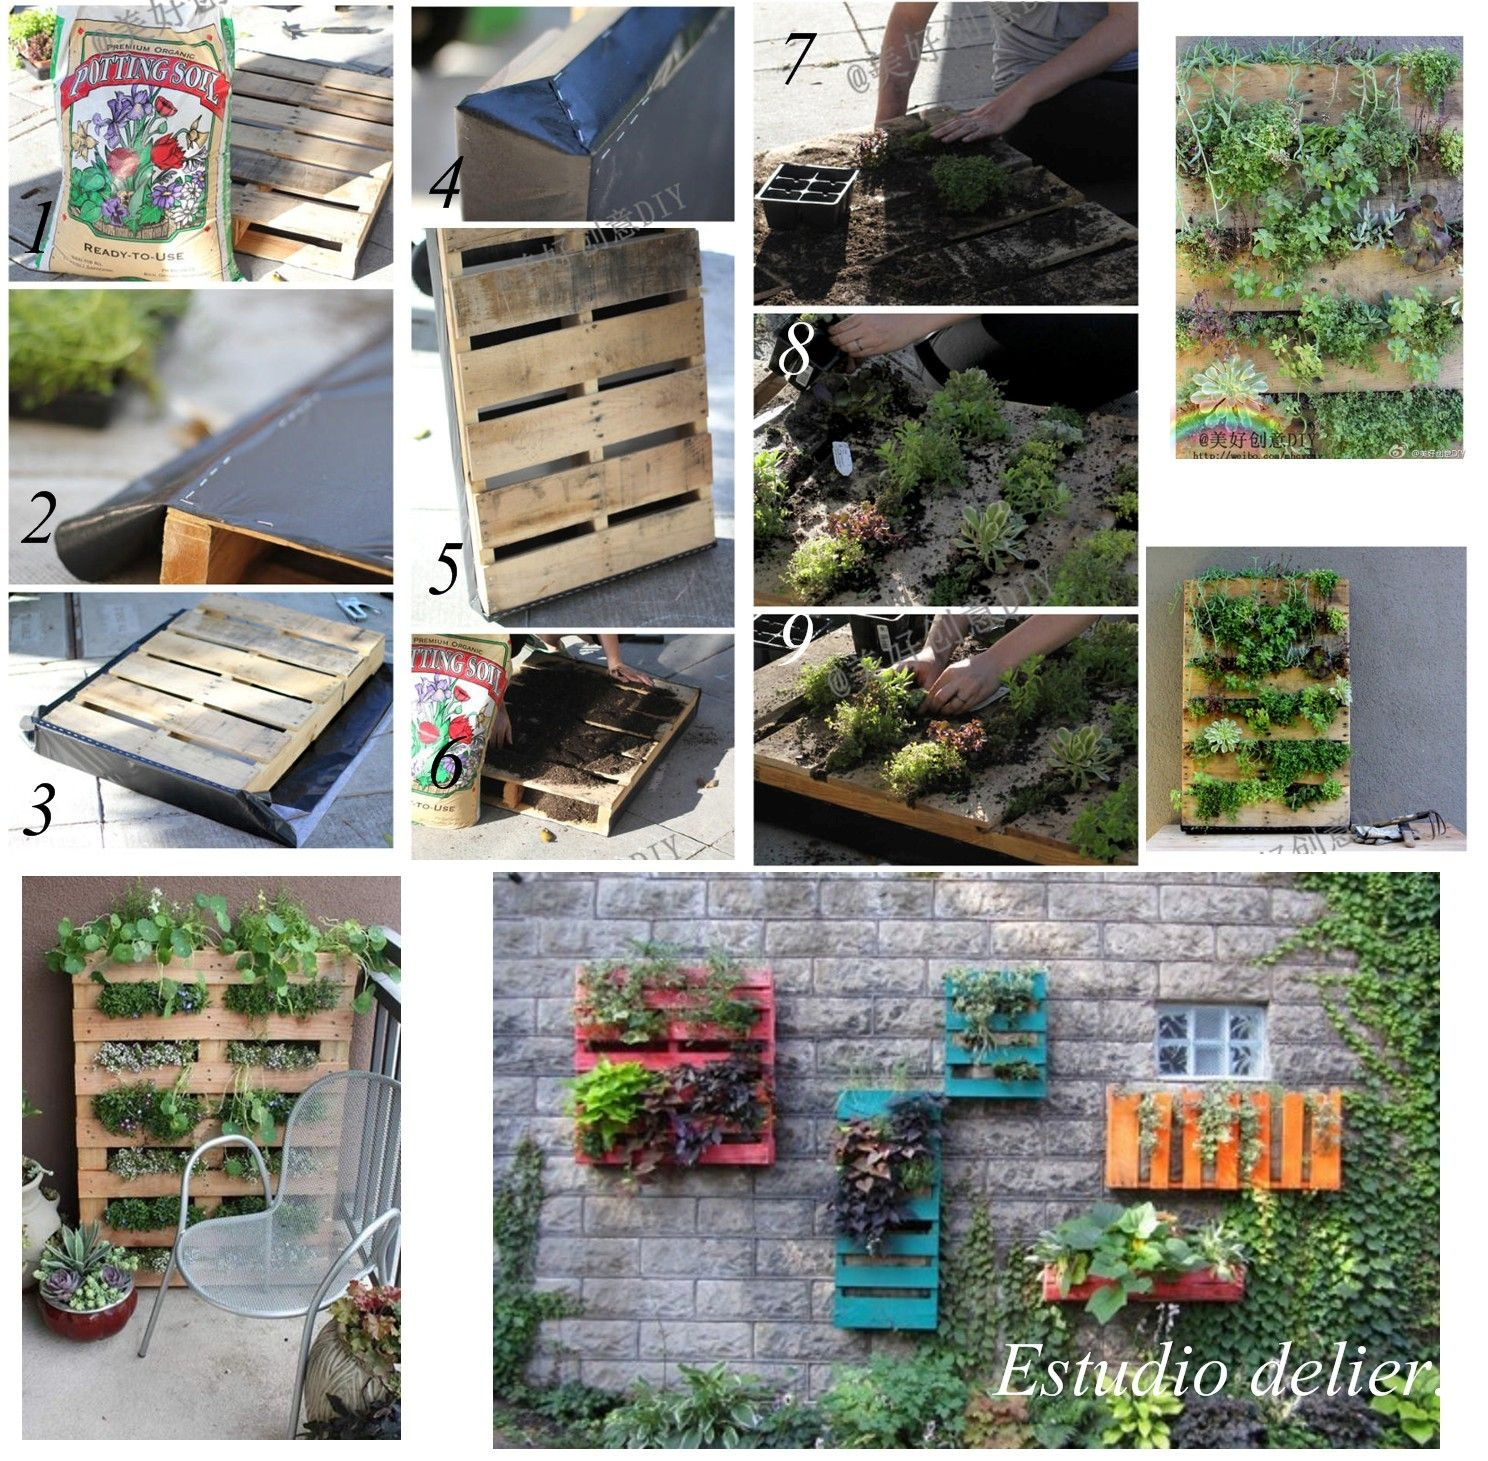 Hacer un jard n vertical con palets decoracion - Jardines verticales con palets ...